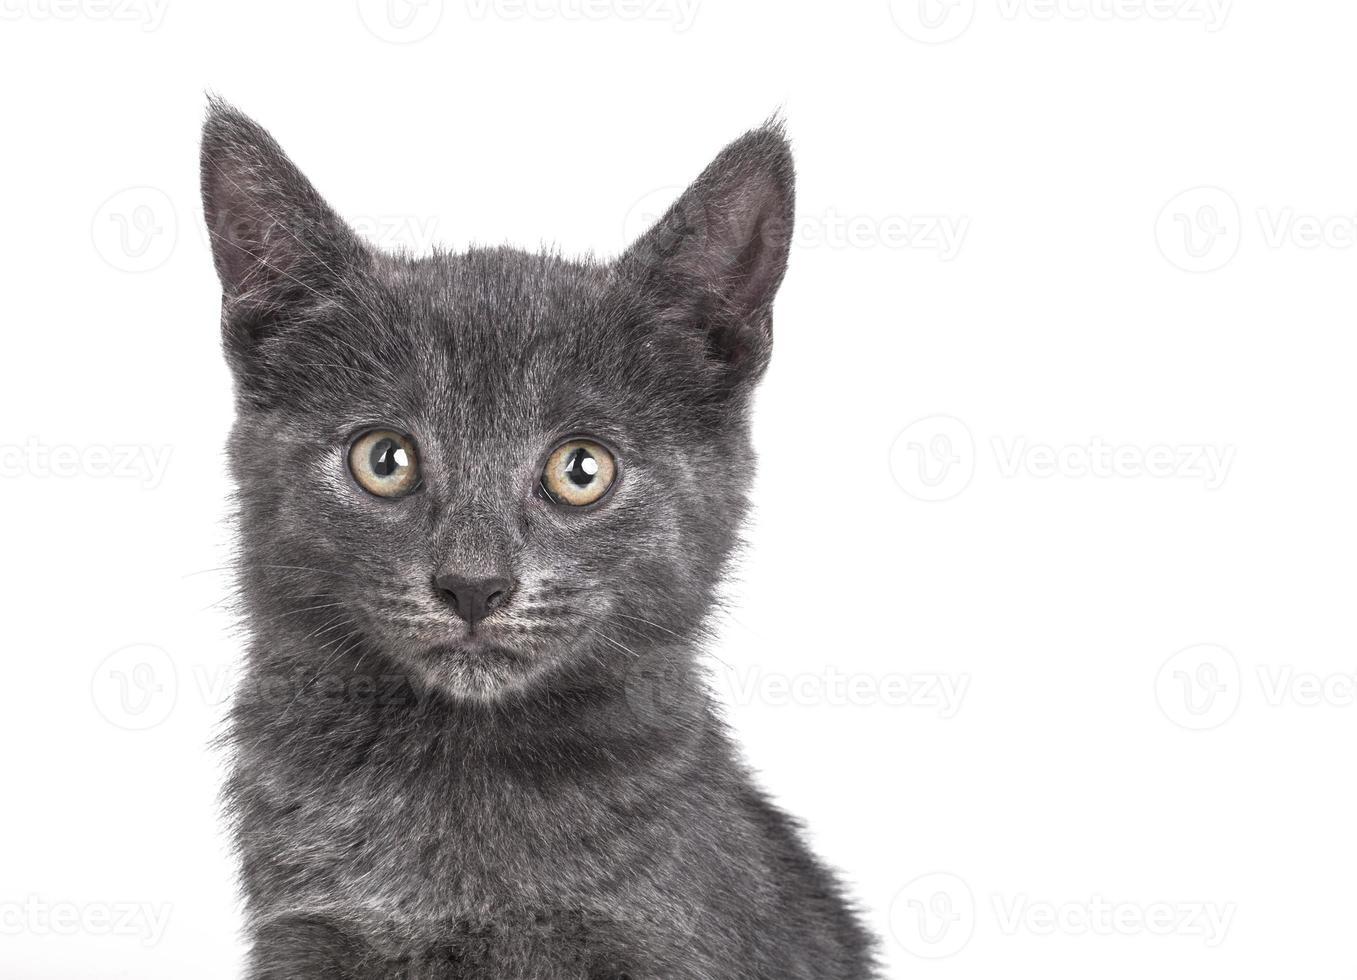 piccolo gatto britannico grigio foto